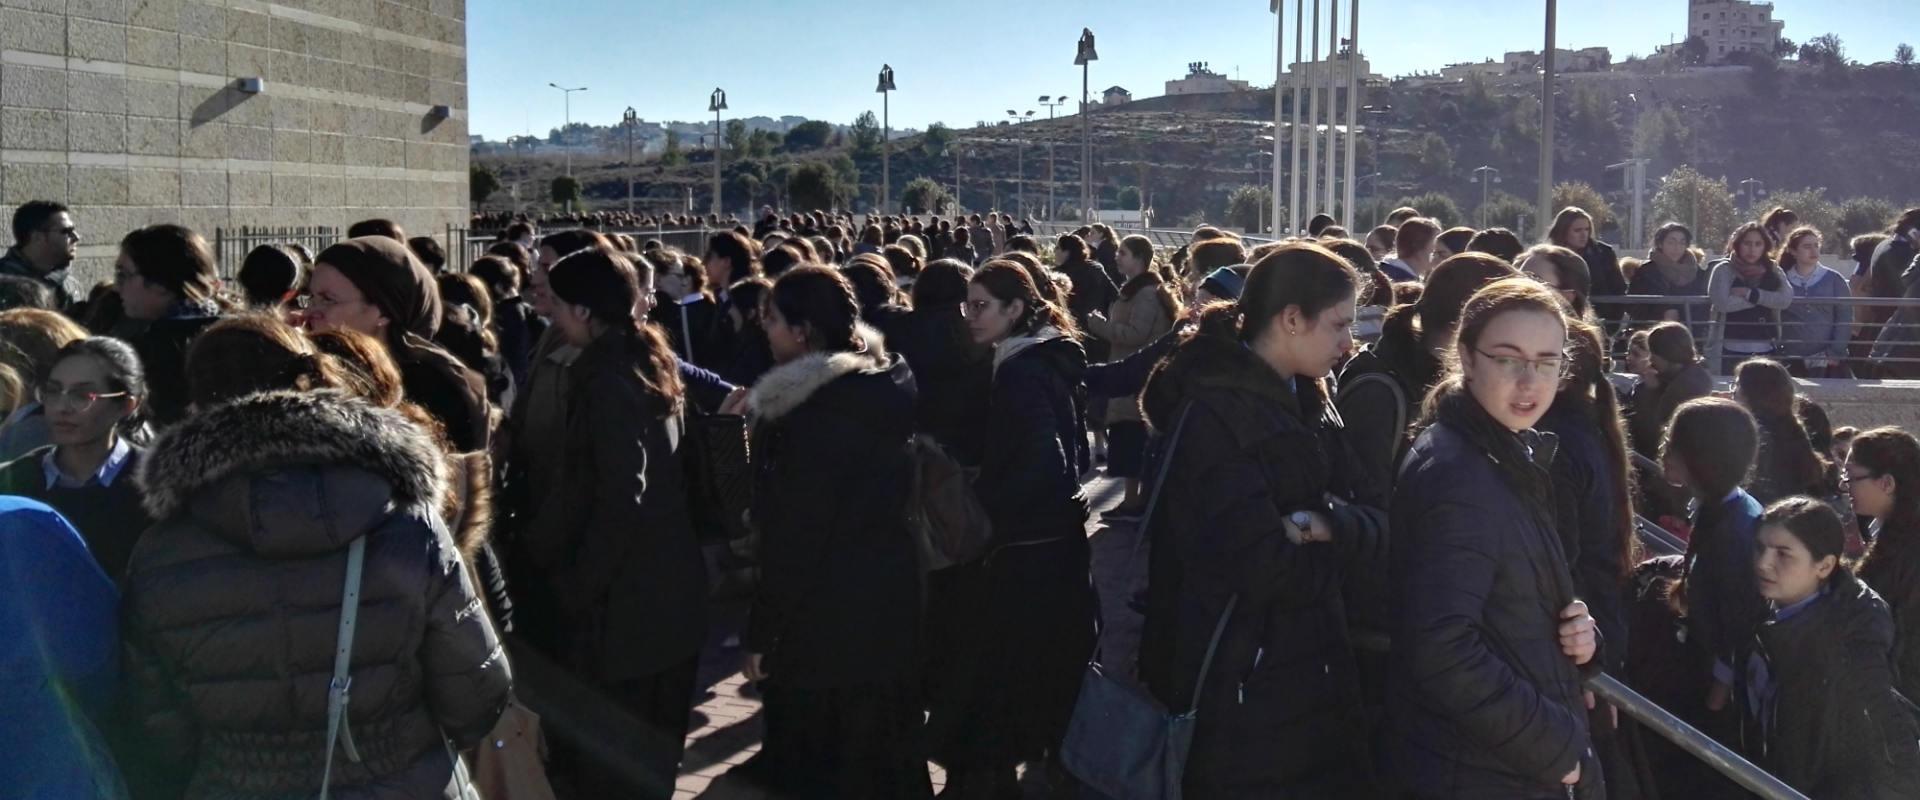 תלמידות סמינר מחוץ לכנס נגד חרדיות באקדמיה